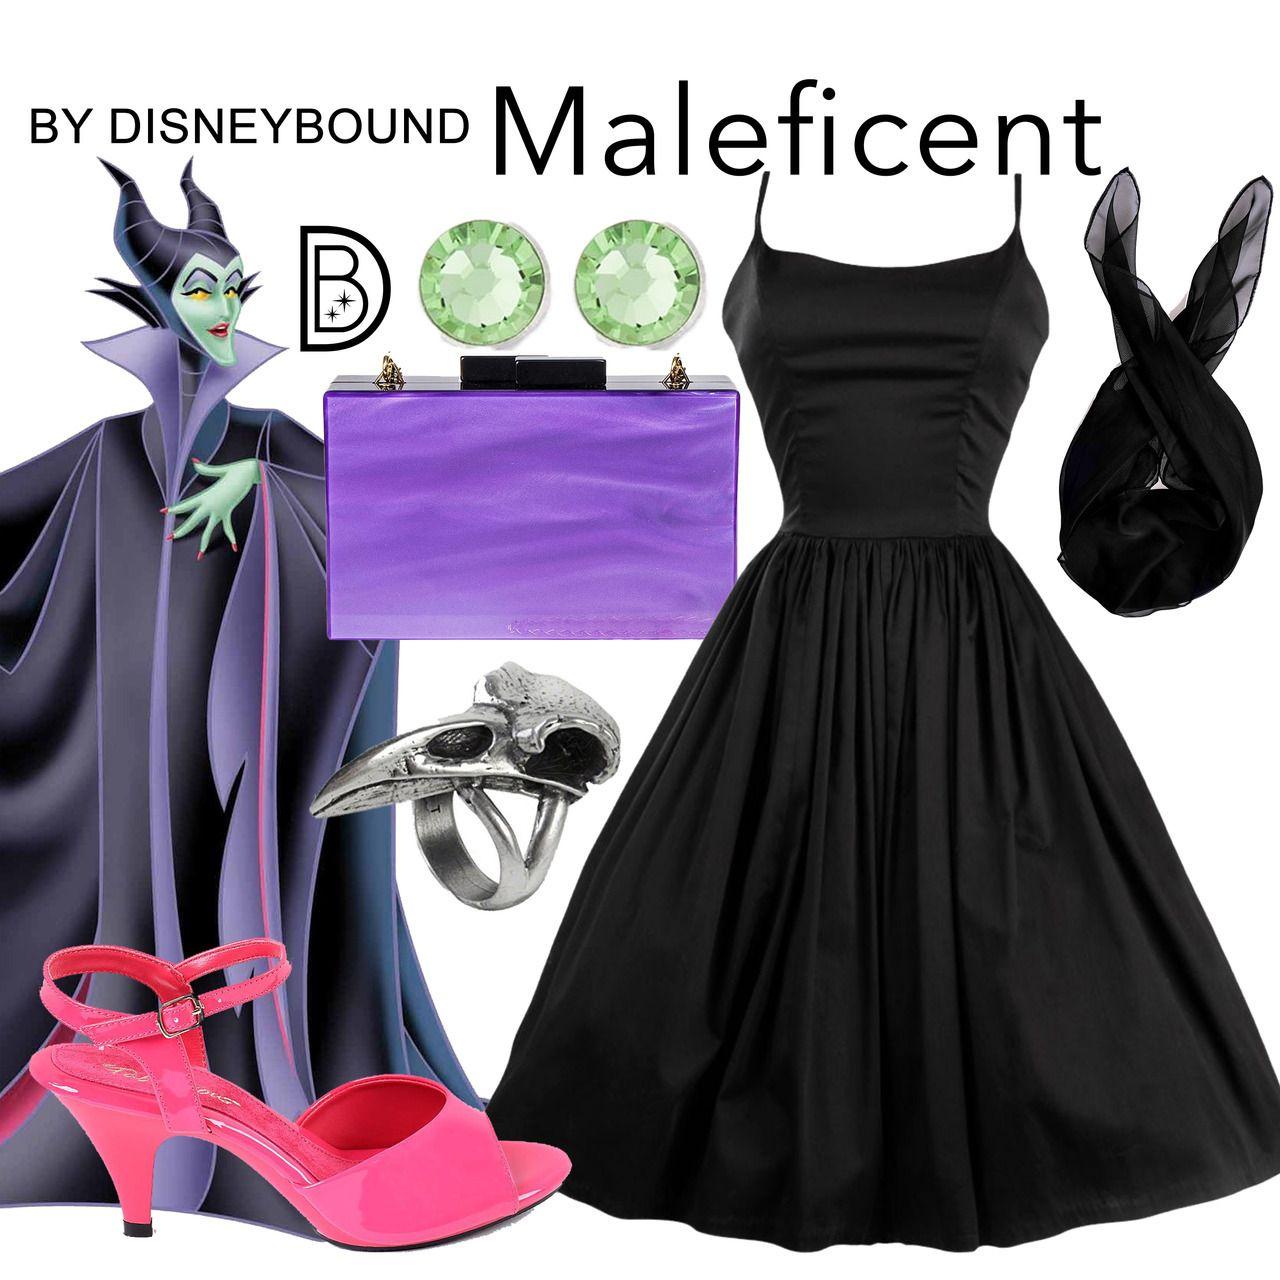 Disneybound Maleficent Disneybound Dapper Day Outfits